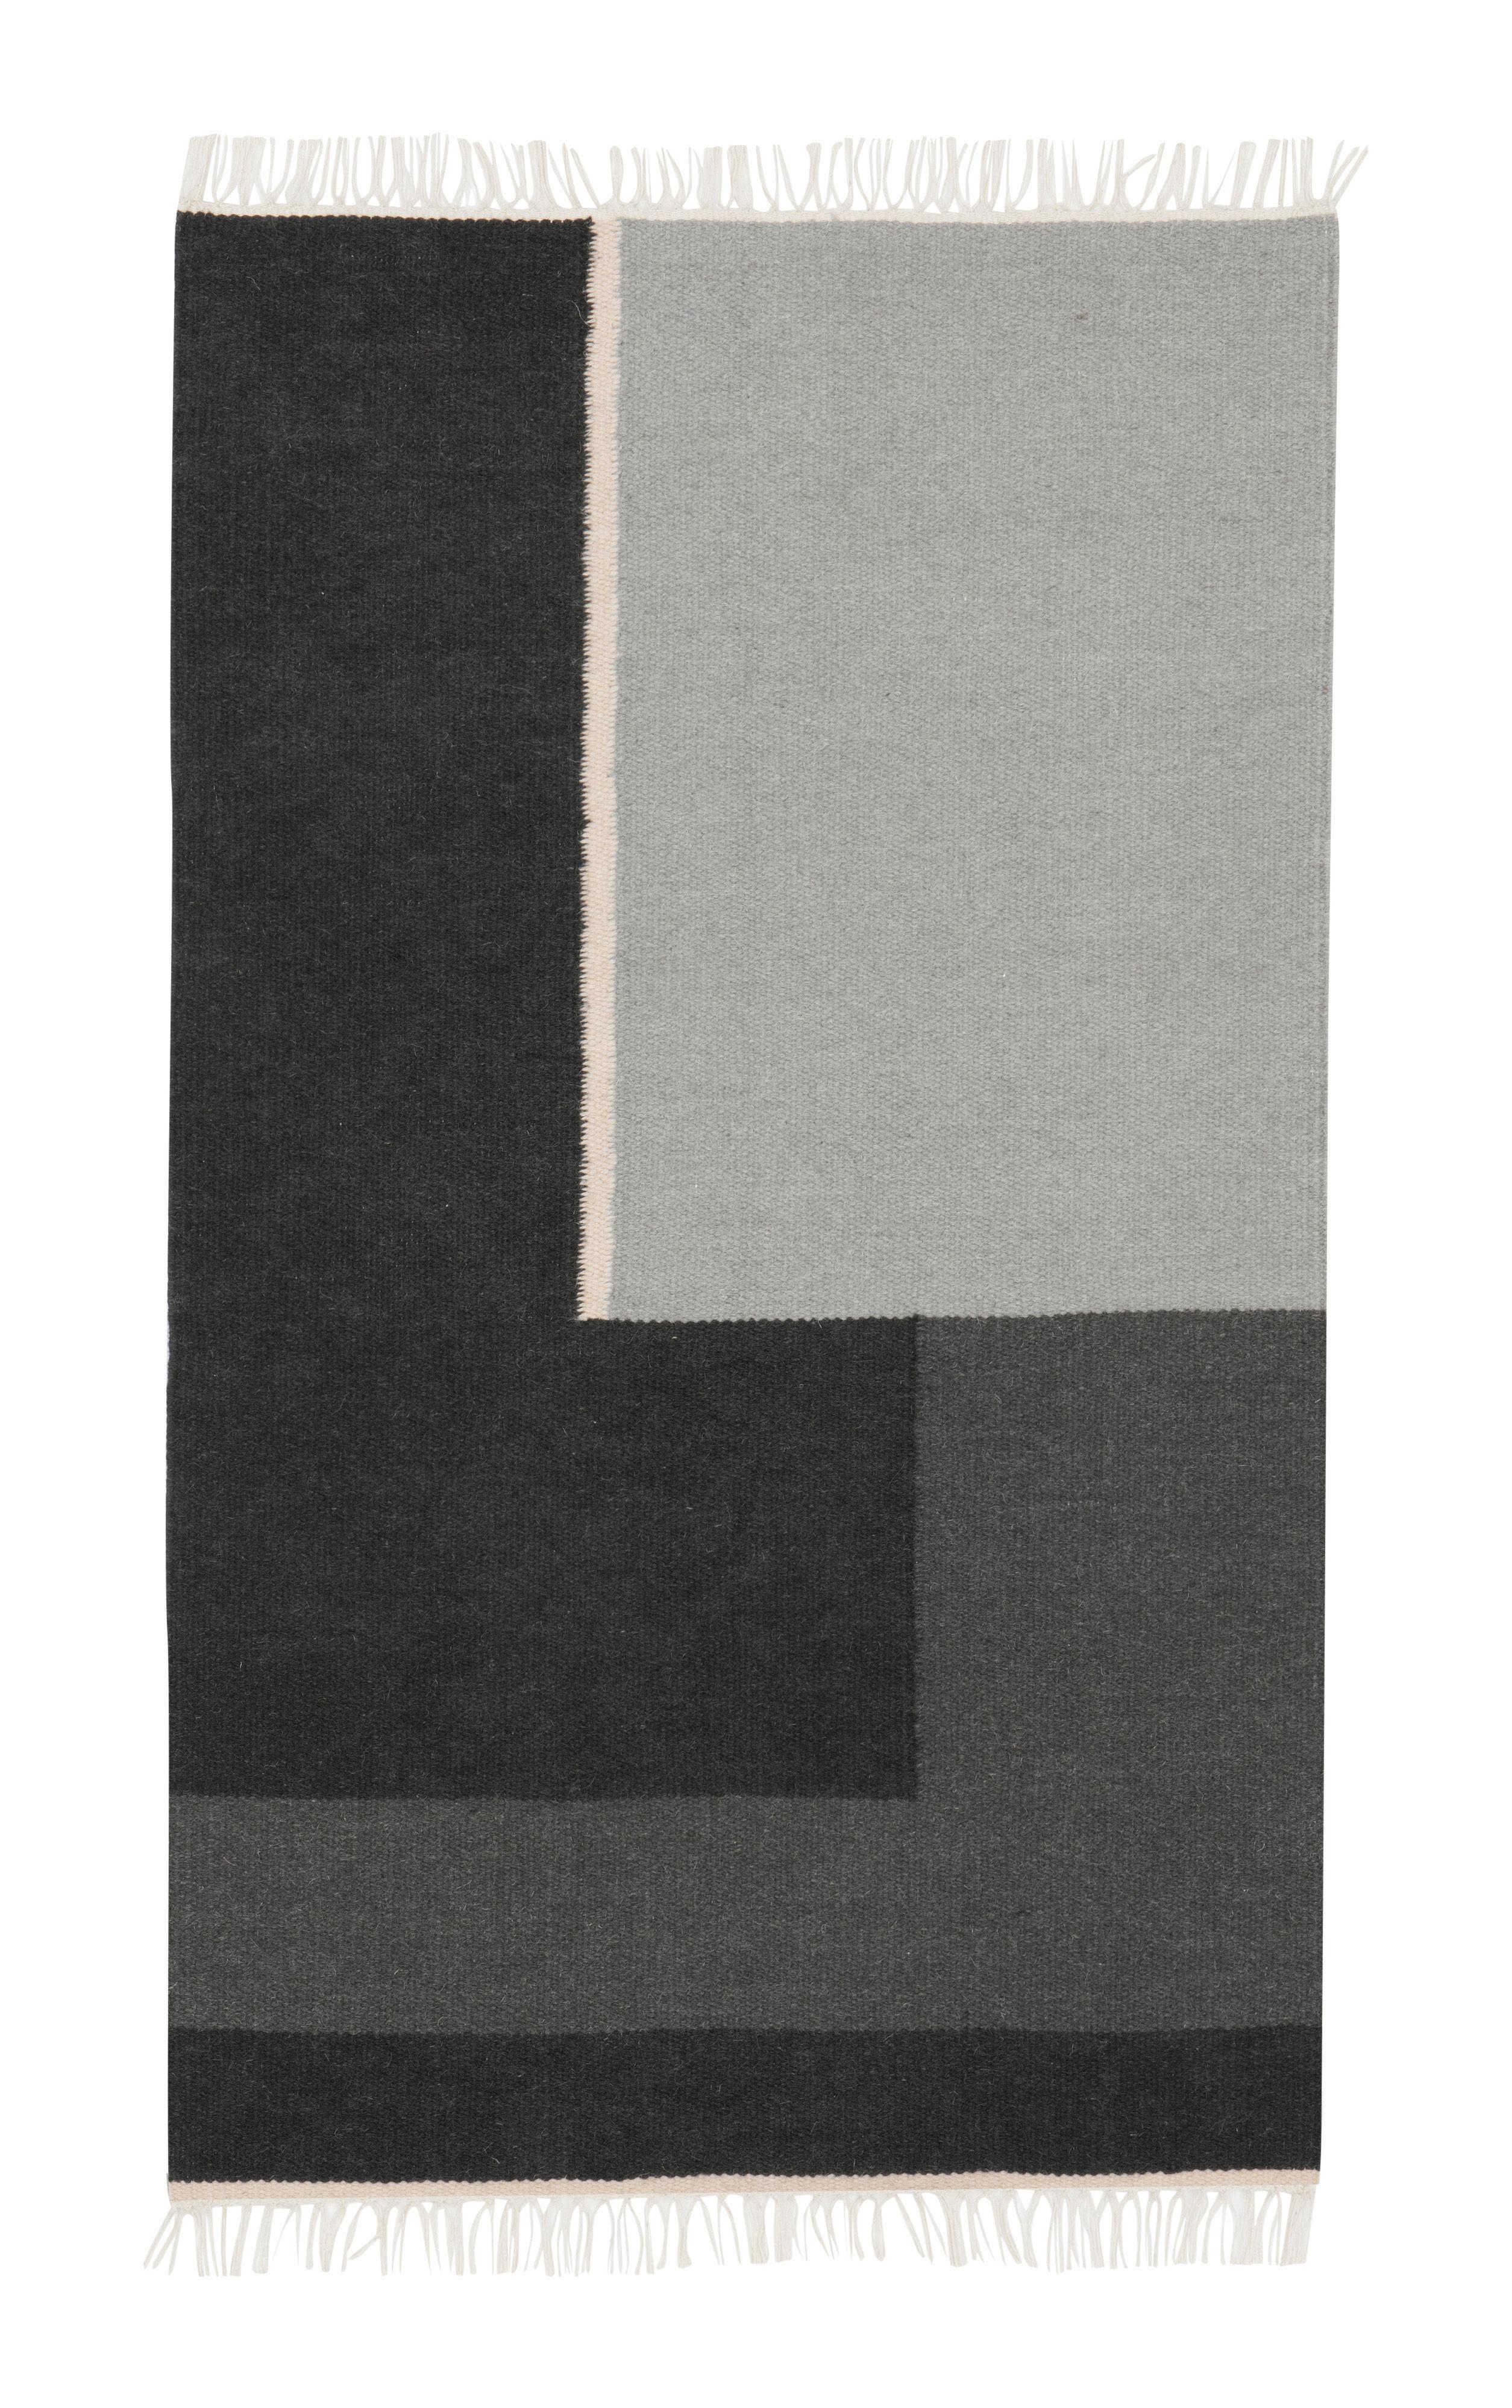 Interni - Tappeti - Tappeto Kelim Section / Piccolo - 140 x 80 cm - Ferm Living - Piccolo - Nero & Bianco - Cotone, Lana